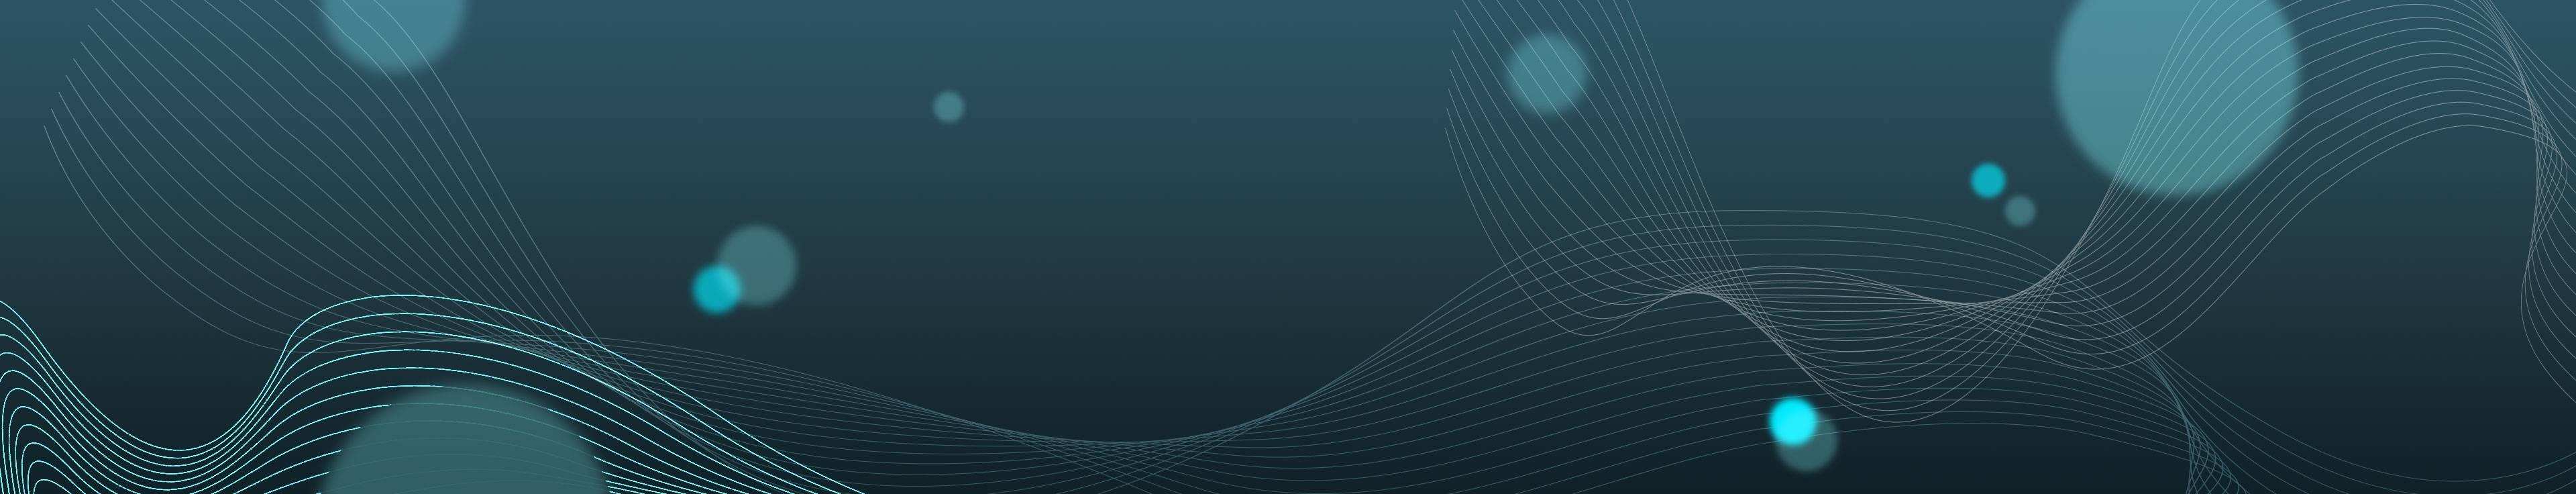 选股因子研究系列-上市公司薪酬指标